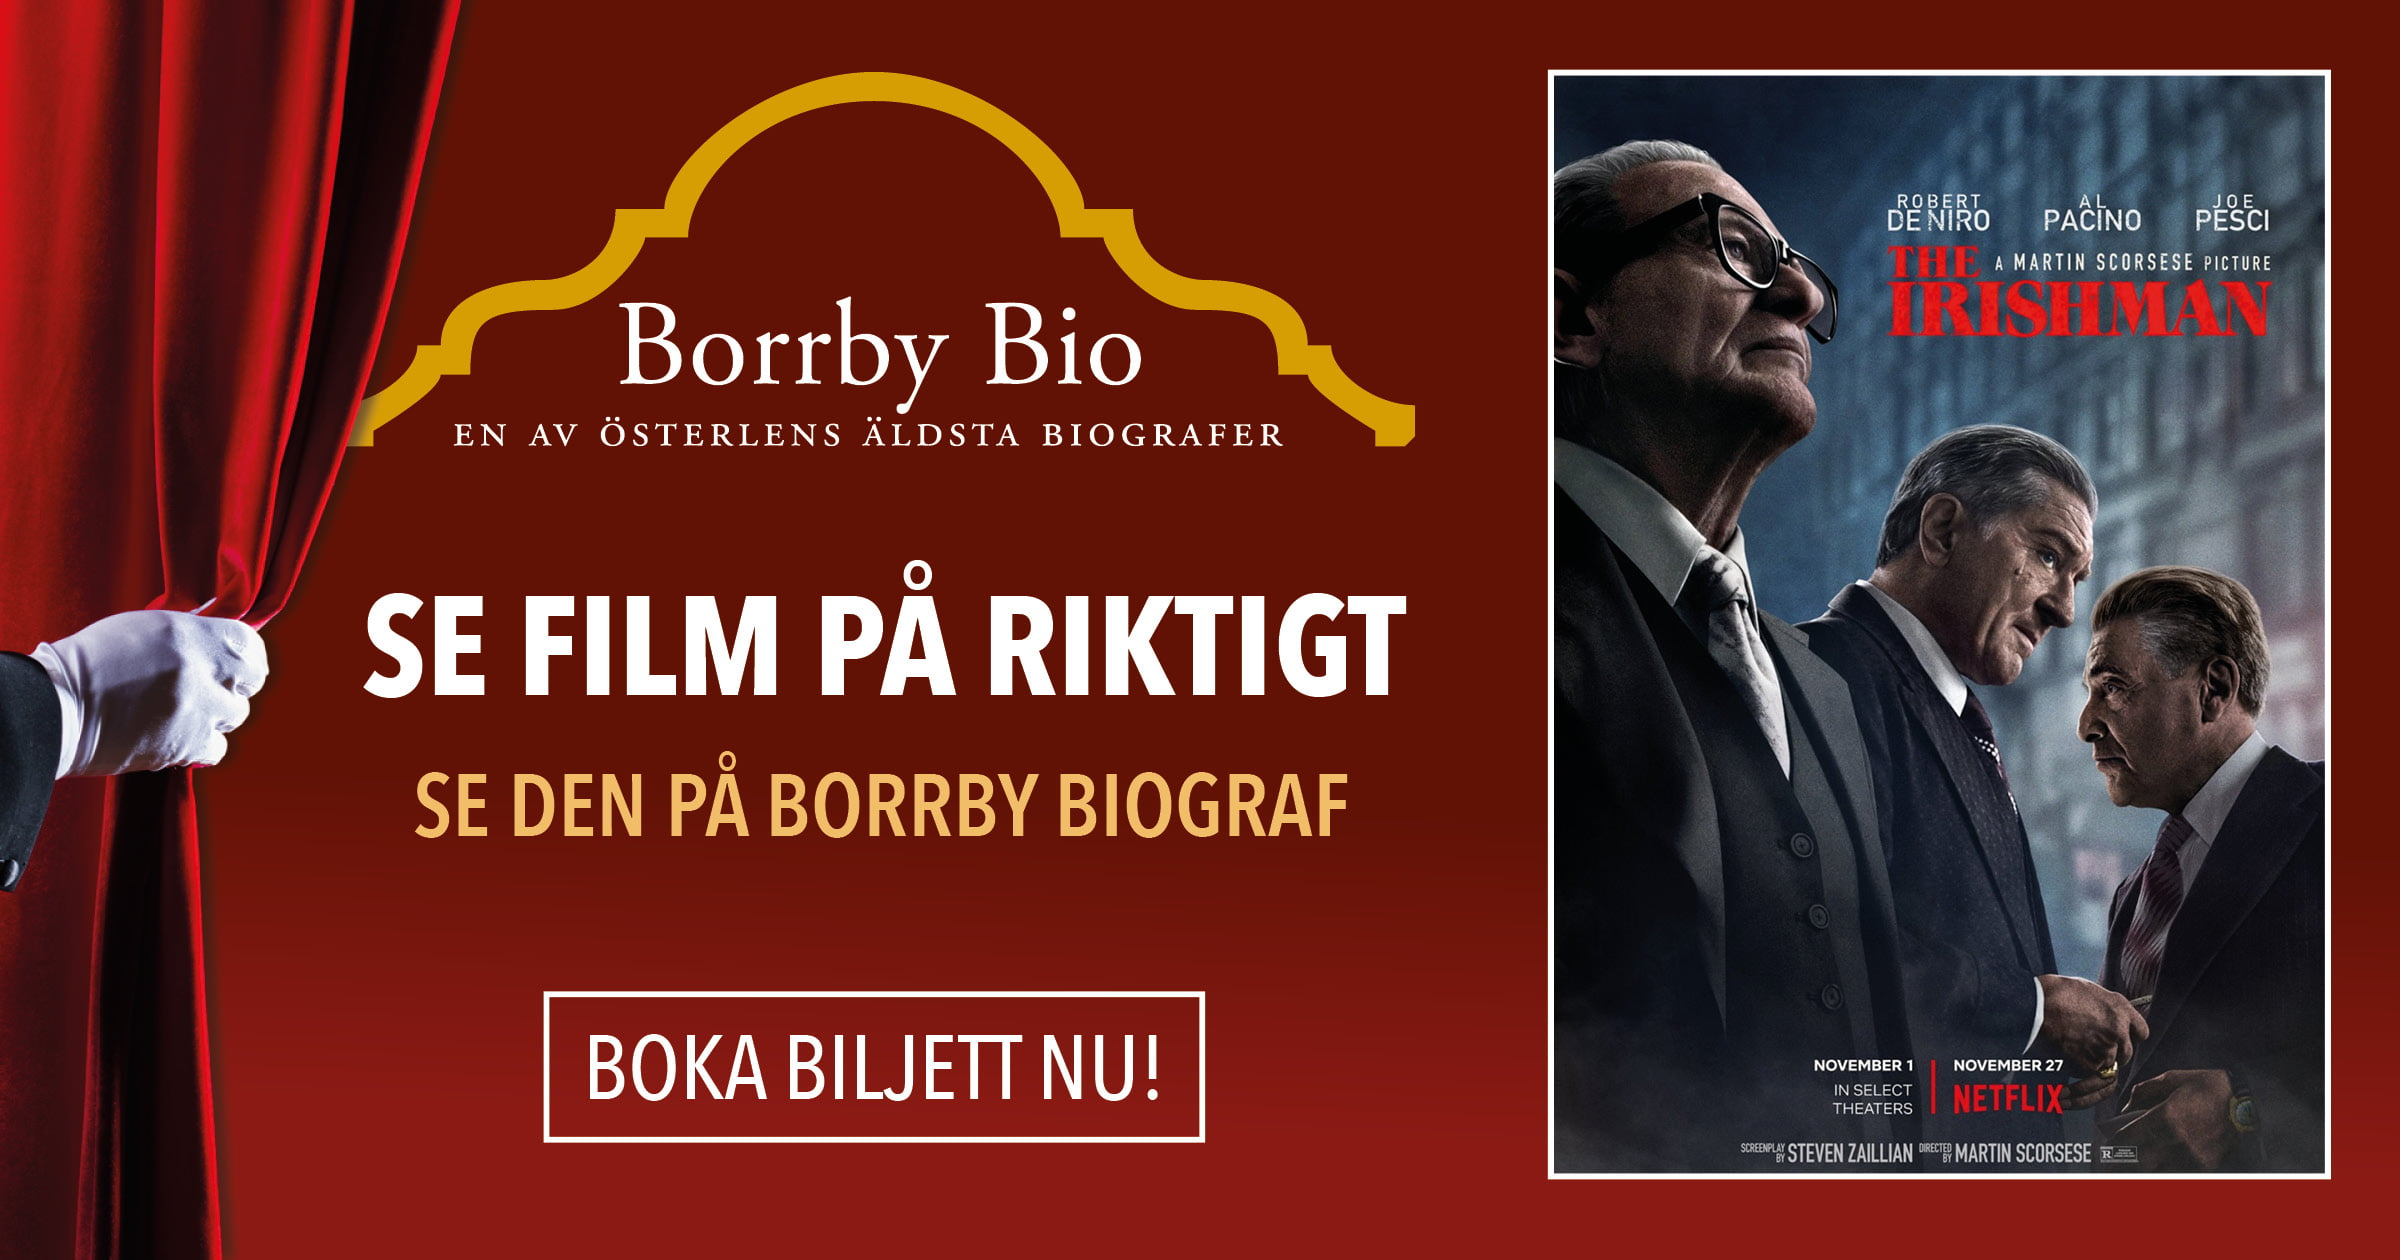 borrby-bio-the-irishman